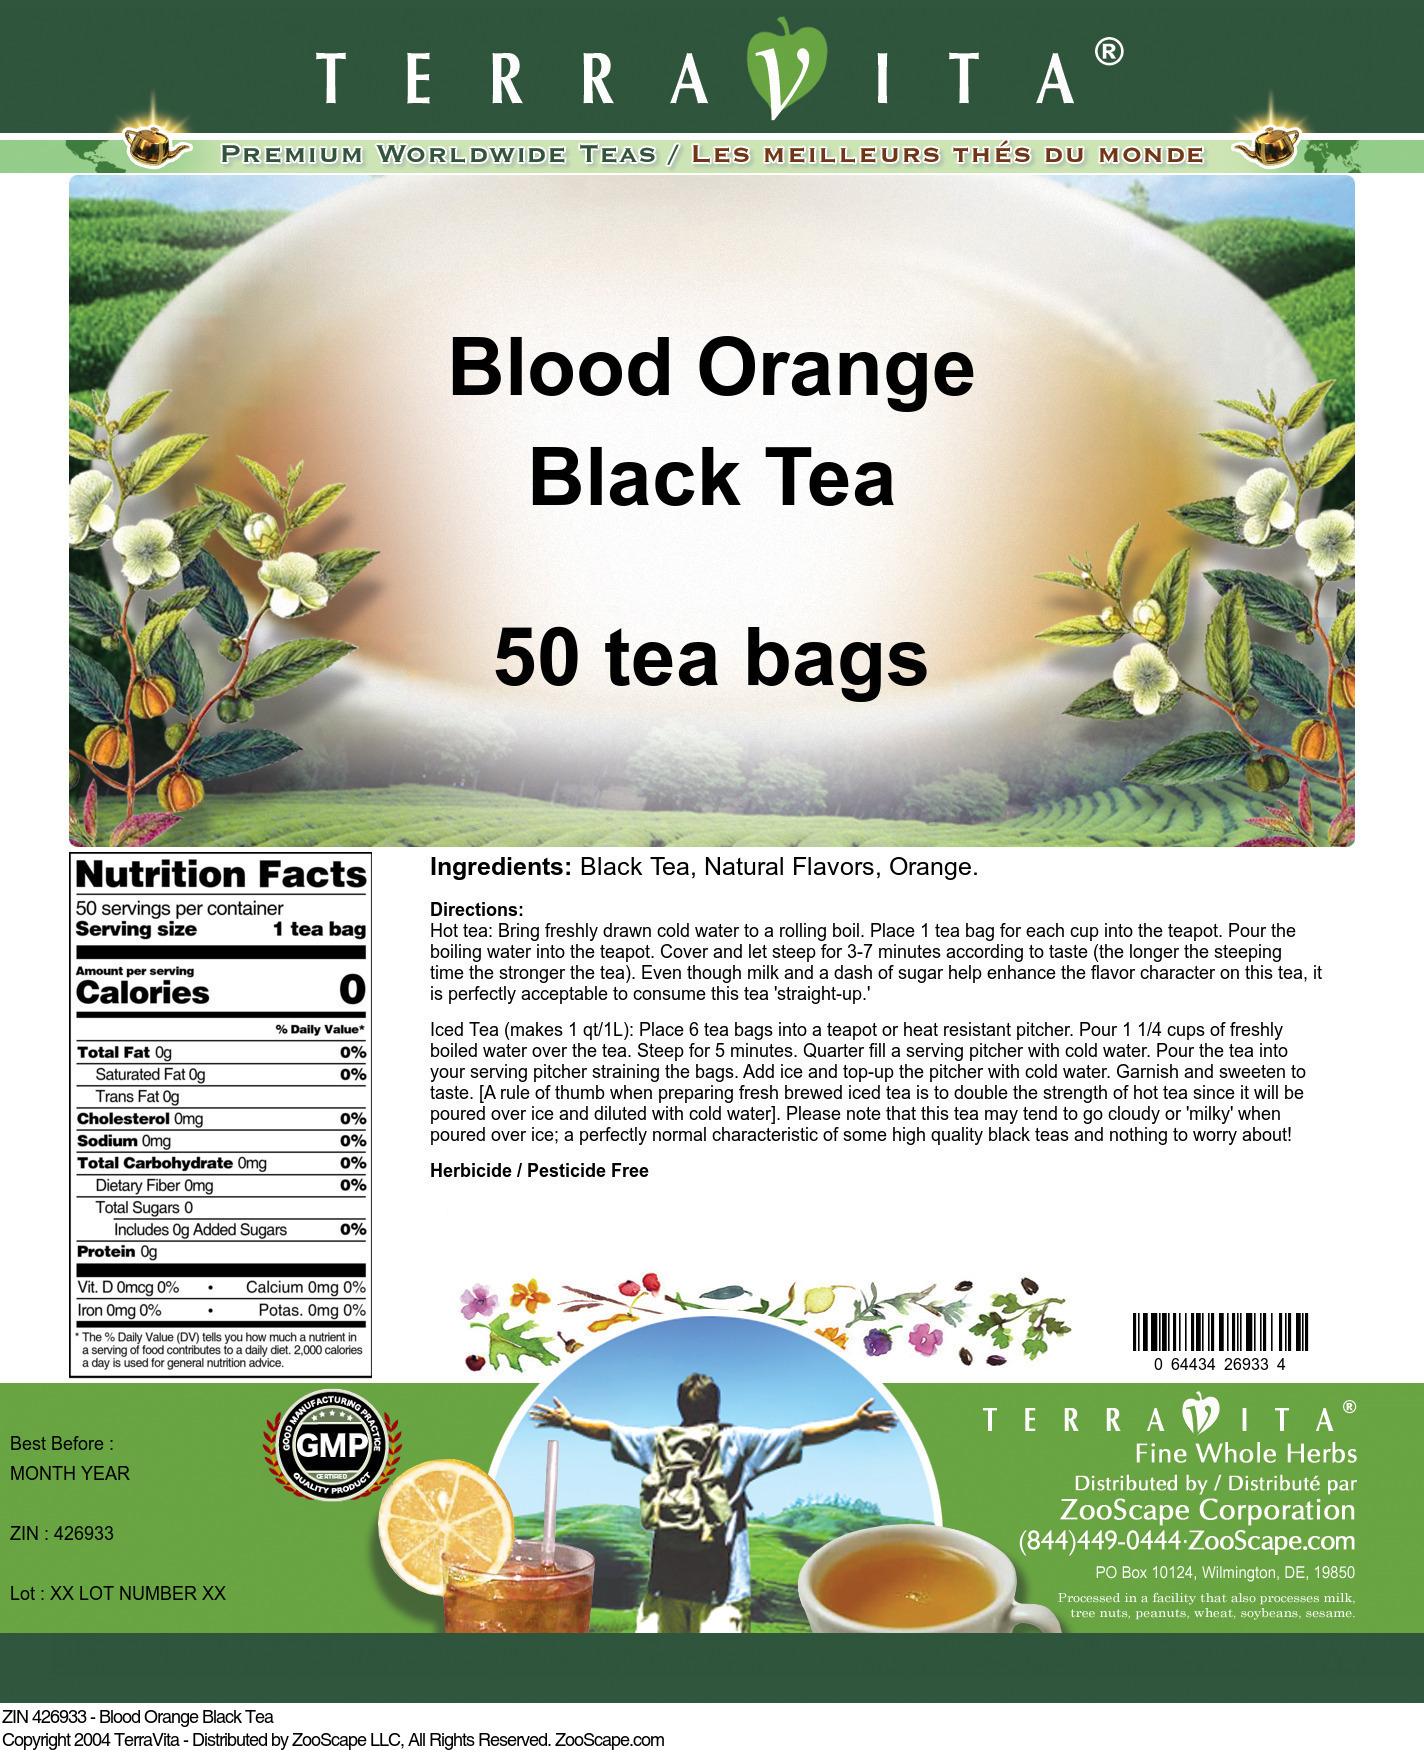 Blood Orange Black Tea